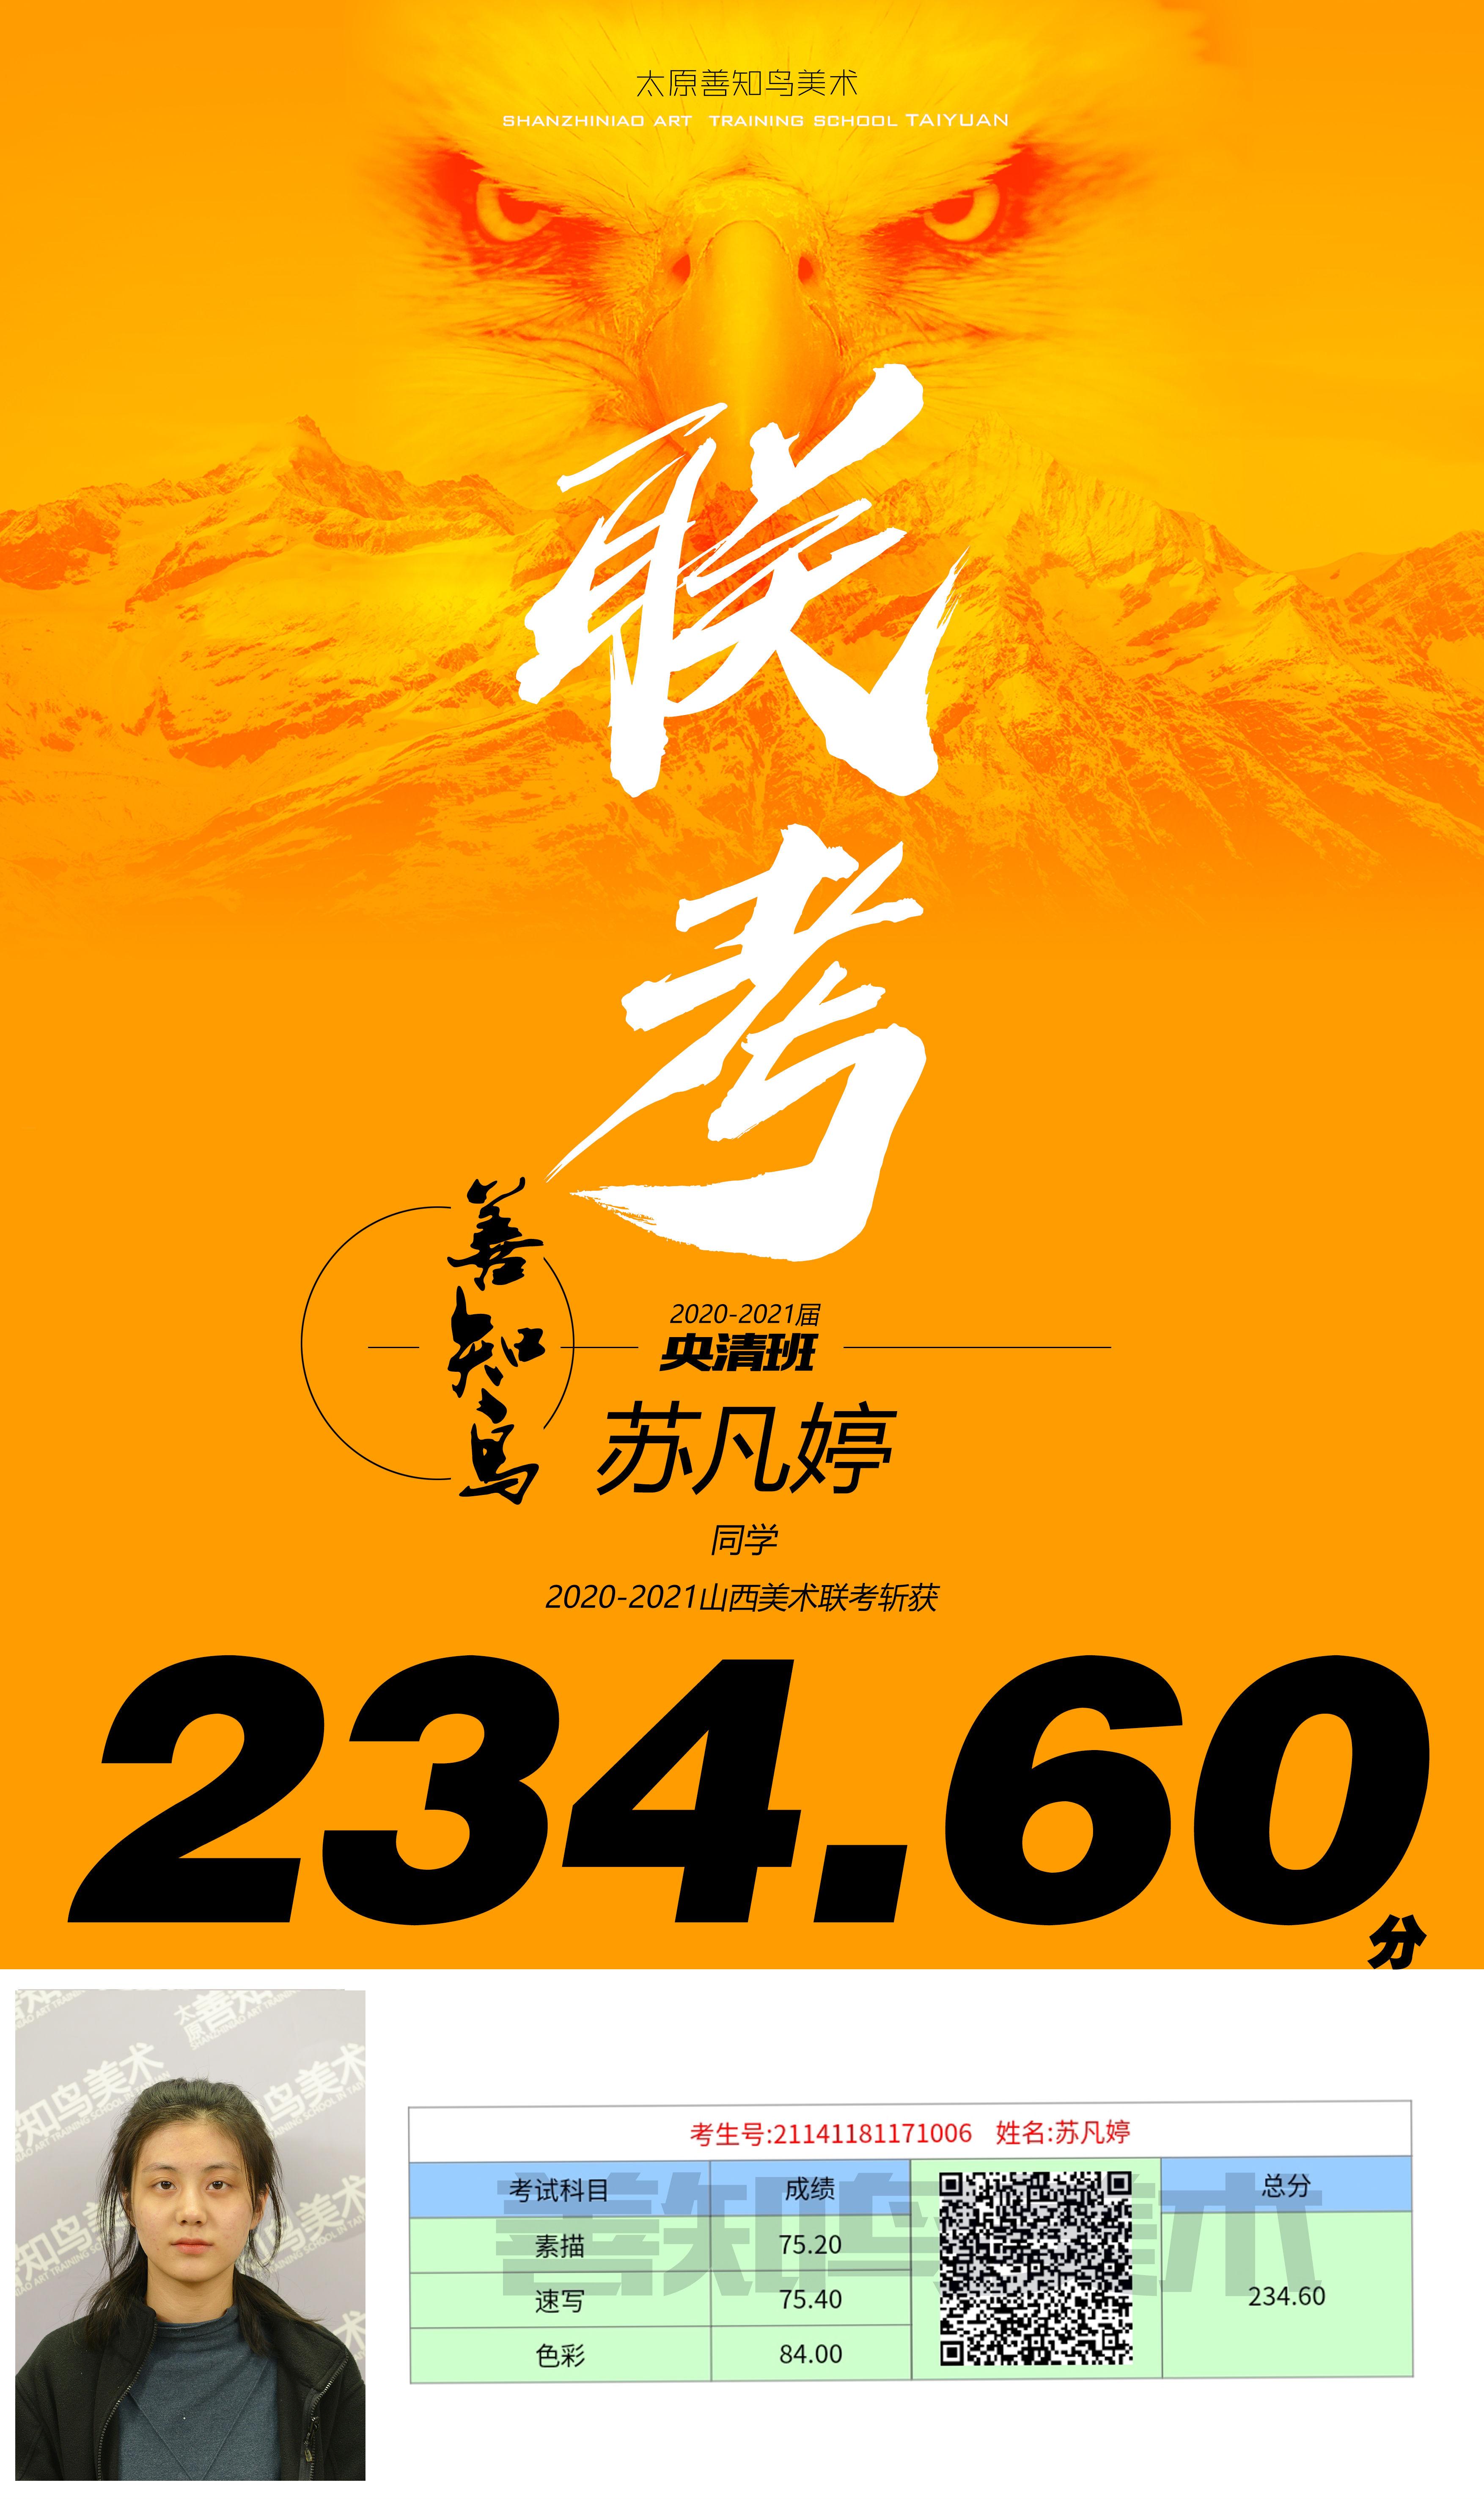 234.60.jpg苏凡婷.jpg